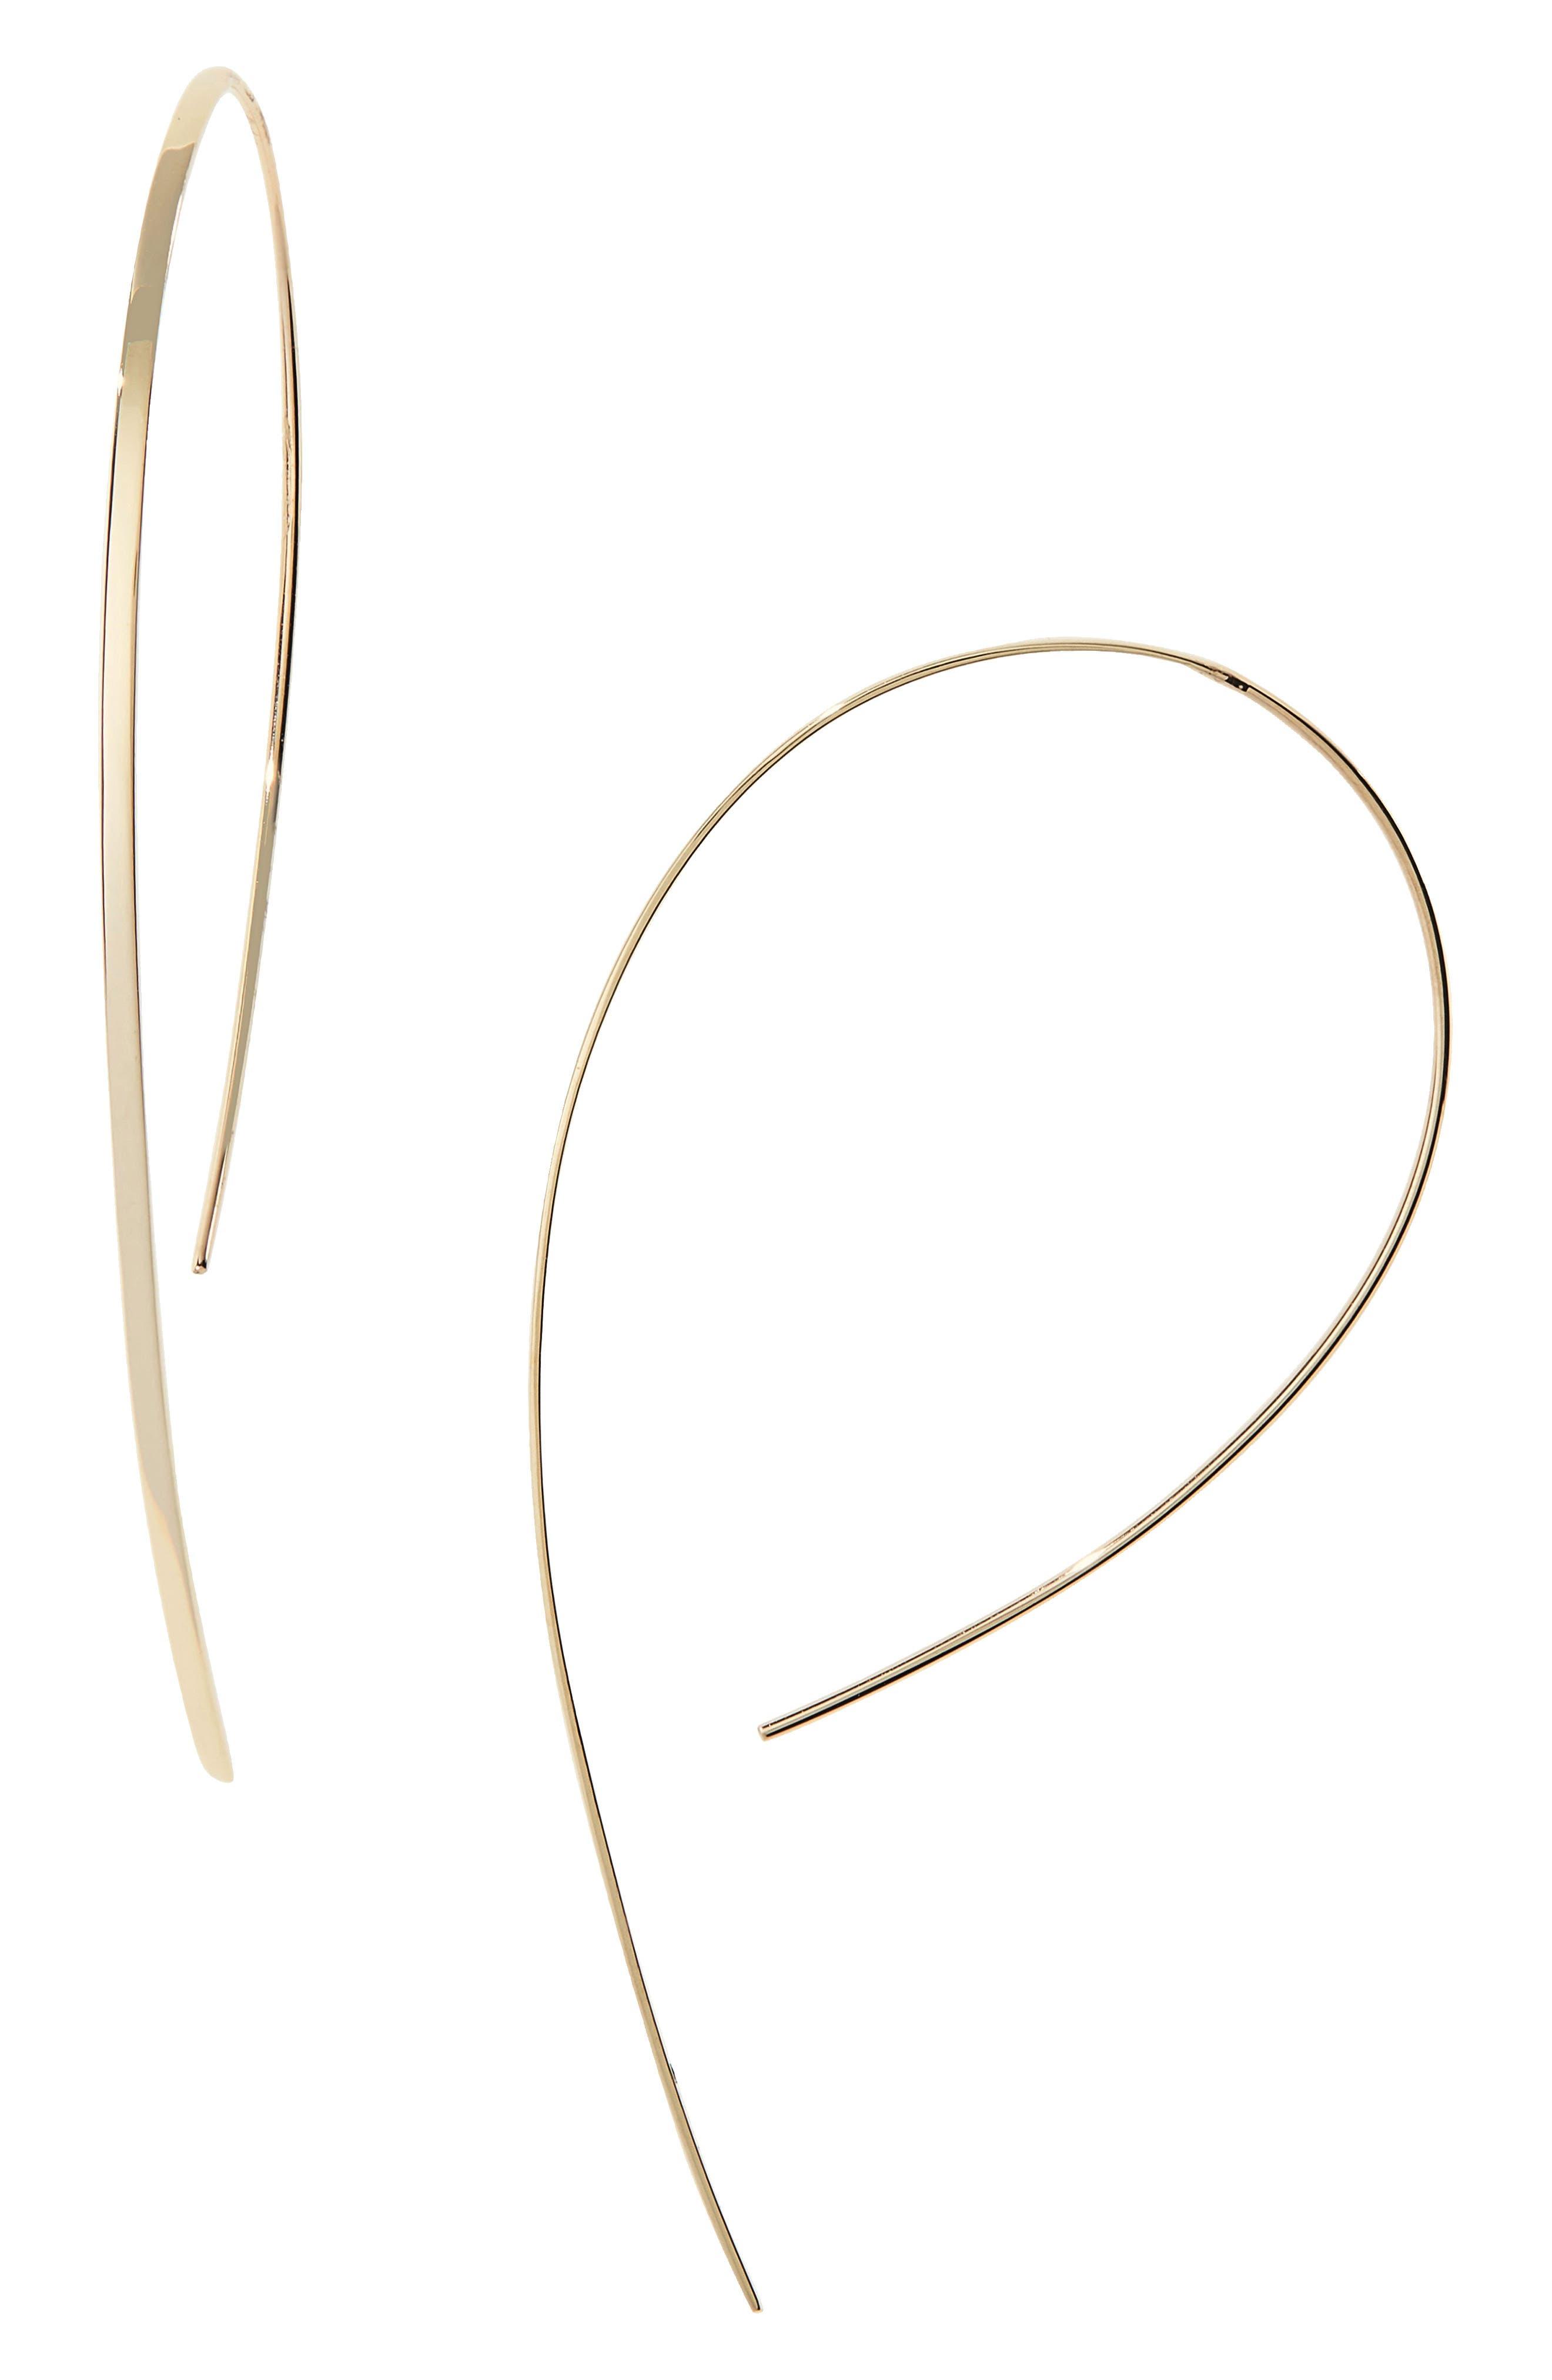 Small Vanity Hooked-On Hoop Earrings